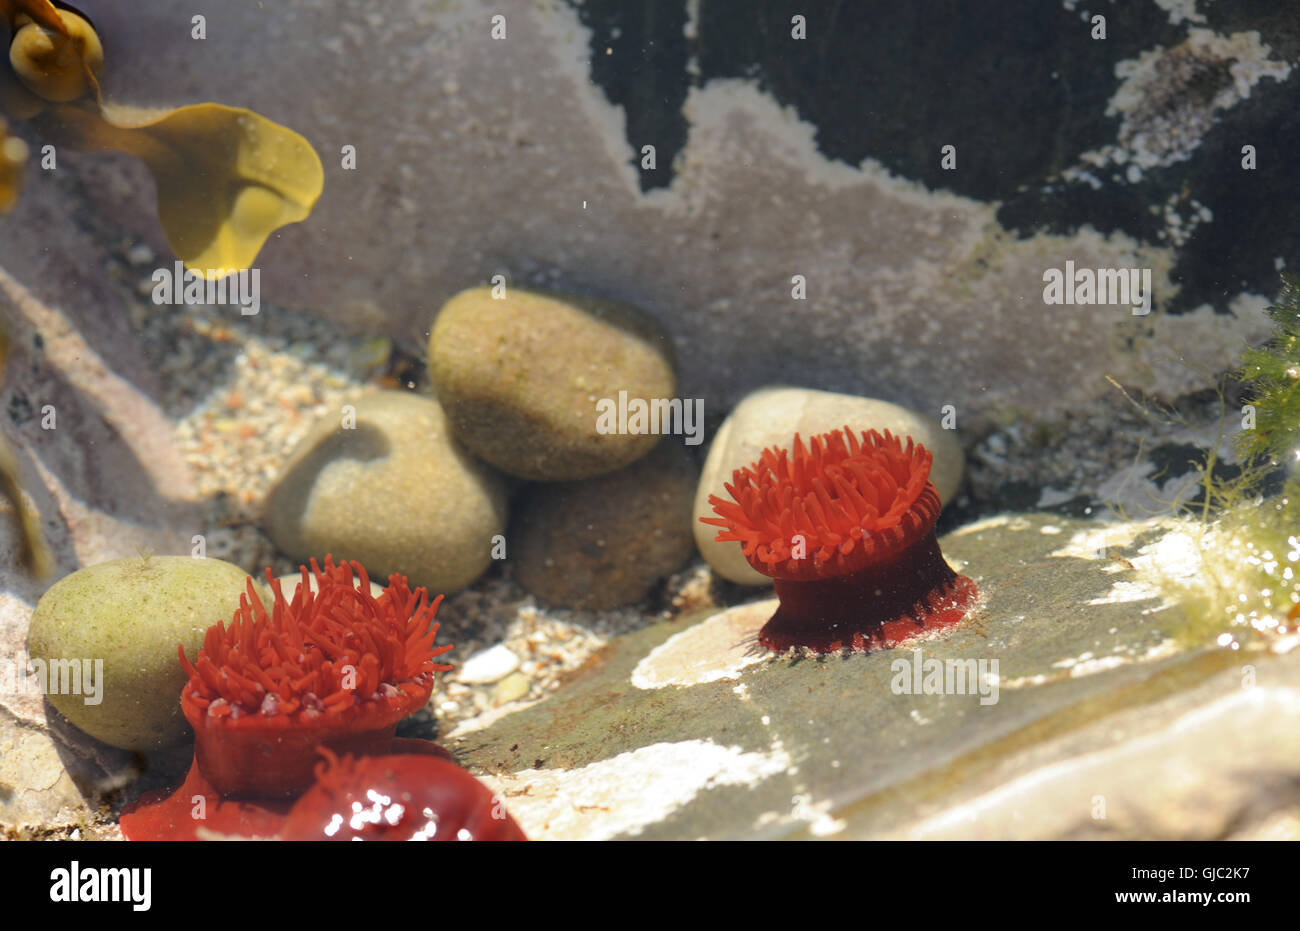 Les anémones de mer dans une roche couverte. Colonsay, Hébrides intérieures, Argyll, Scotland, UK. Photo Stock